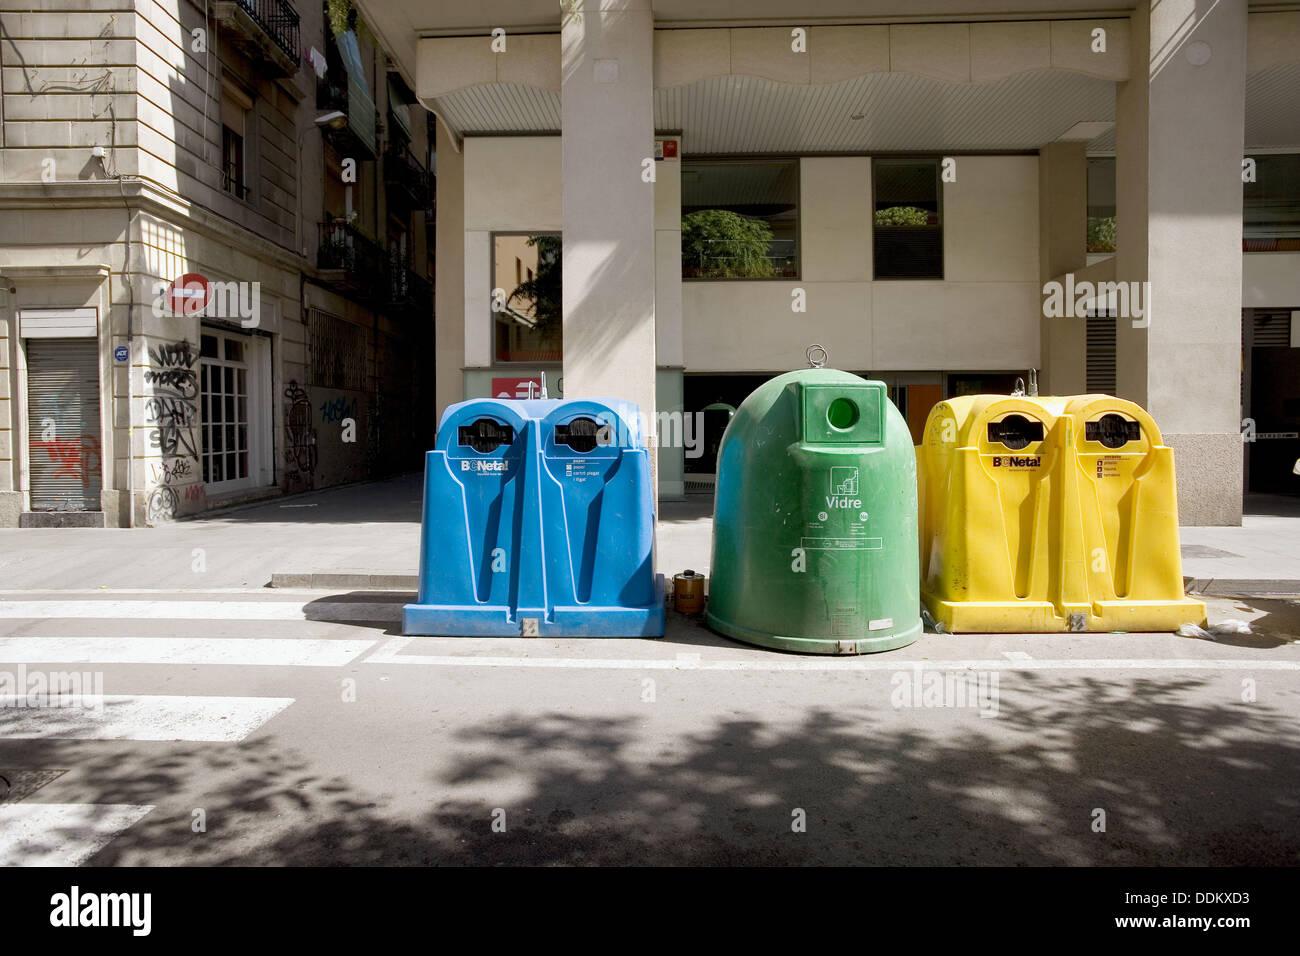 Conteneurs pour l'reciclying de papier, plastique et verre. Barcelone. L'Espagne. Photo Stock